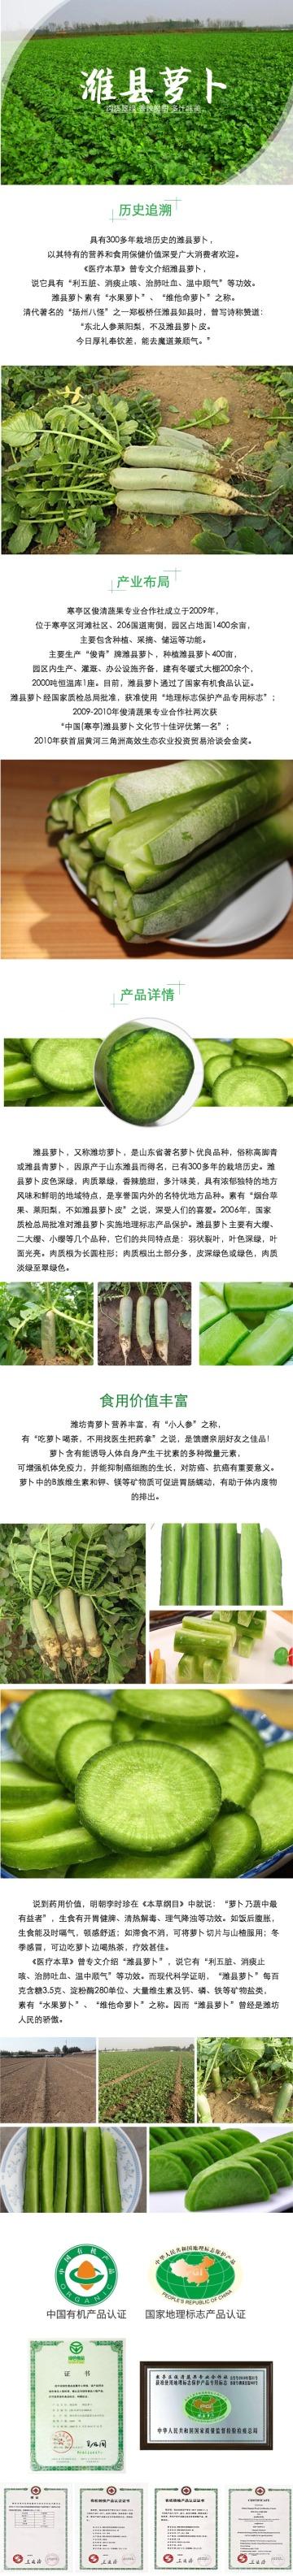 绿色简约清新生鲜水果青萝卜电商宝贝详情